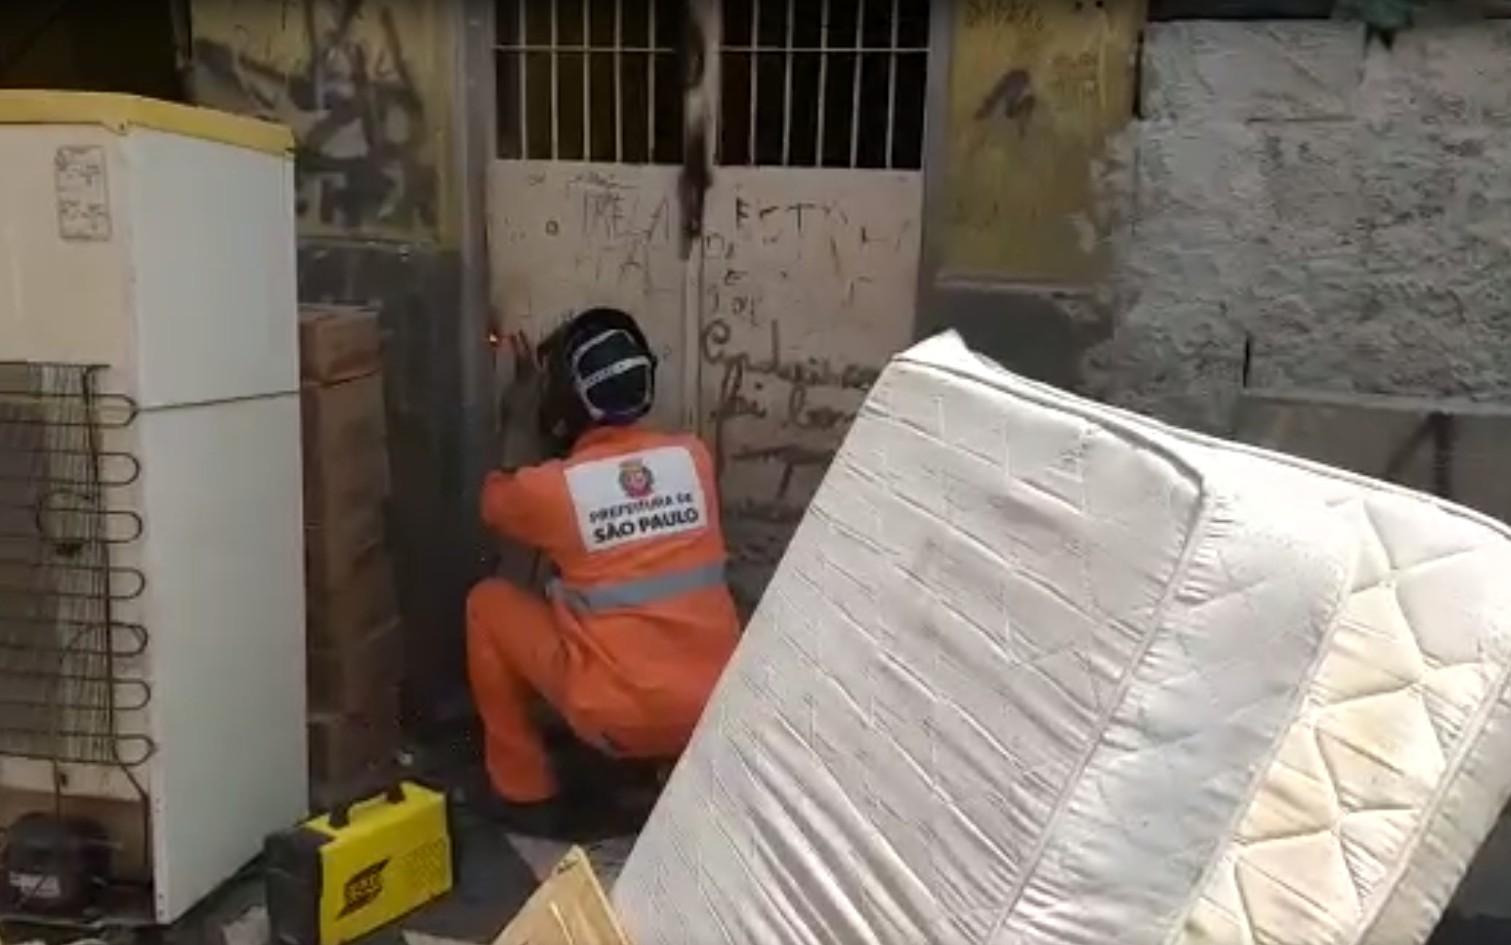 Prefeitura de SP emparedou imóveis na Cracolândia com pertences dentro, dizem famílias despejadas